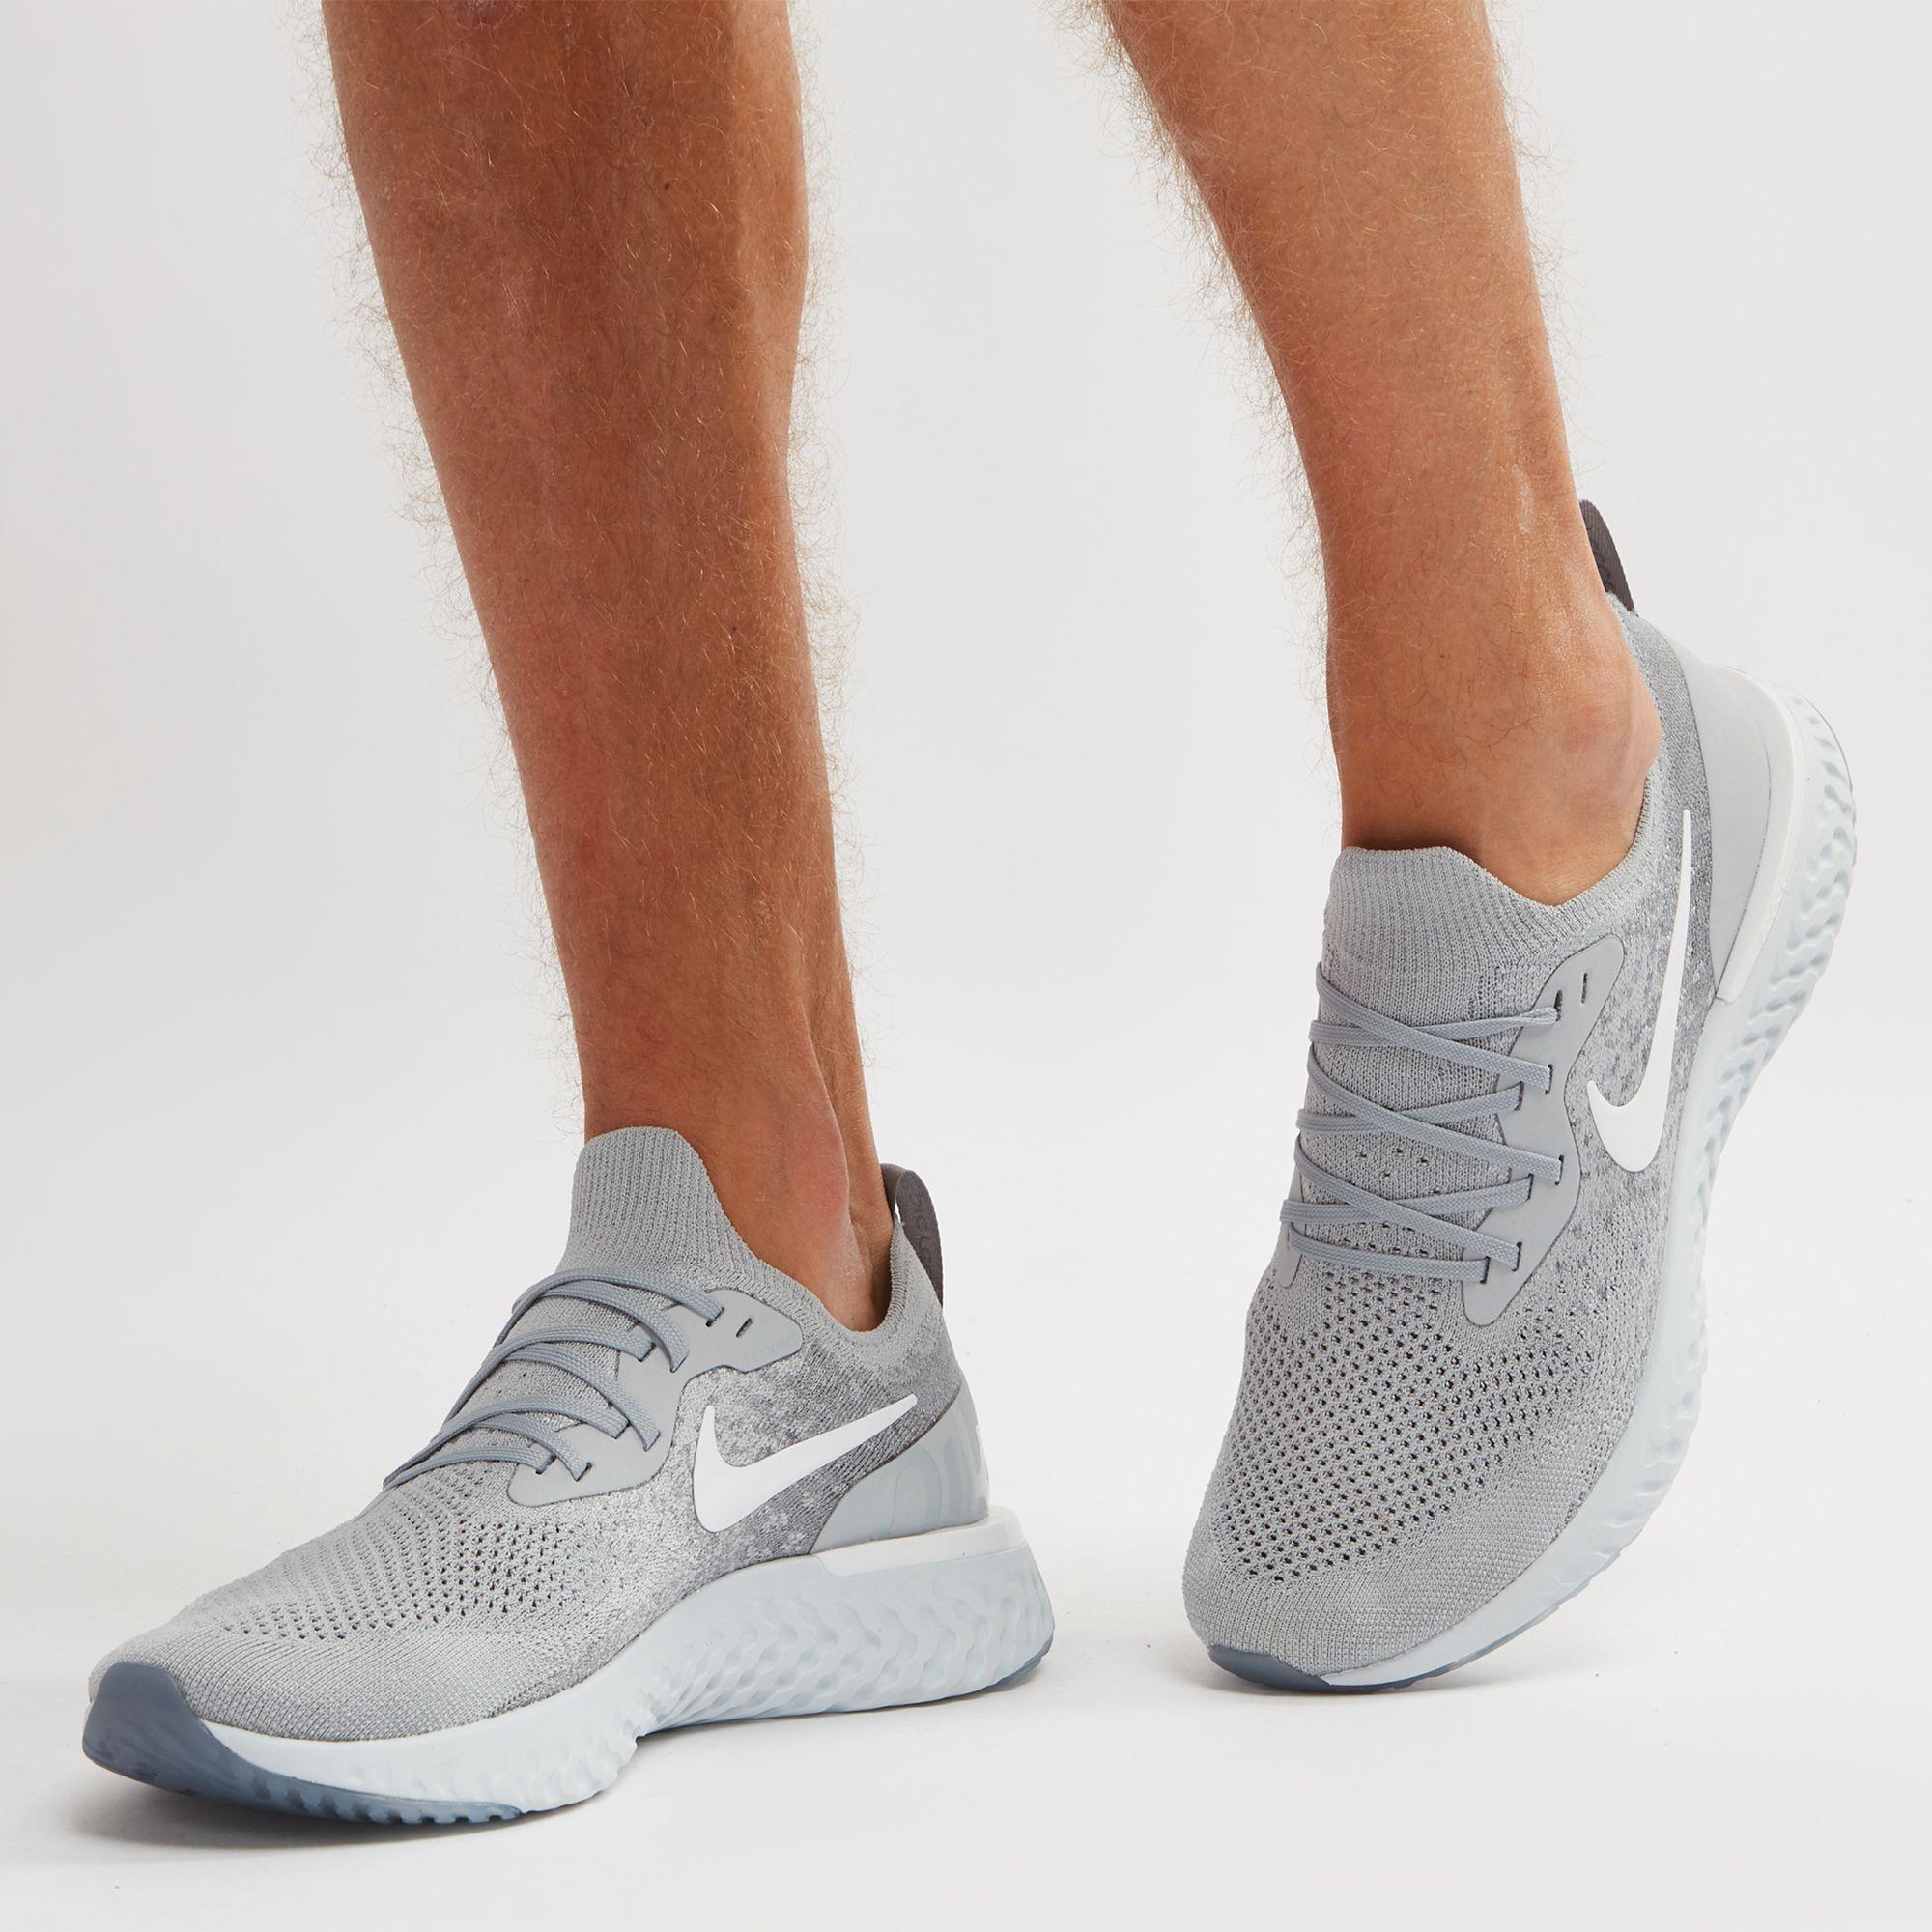 size 40 d7892 929de Nike Epic React Flyknit Running Shoe